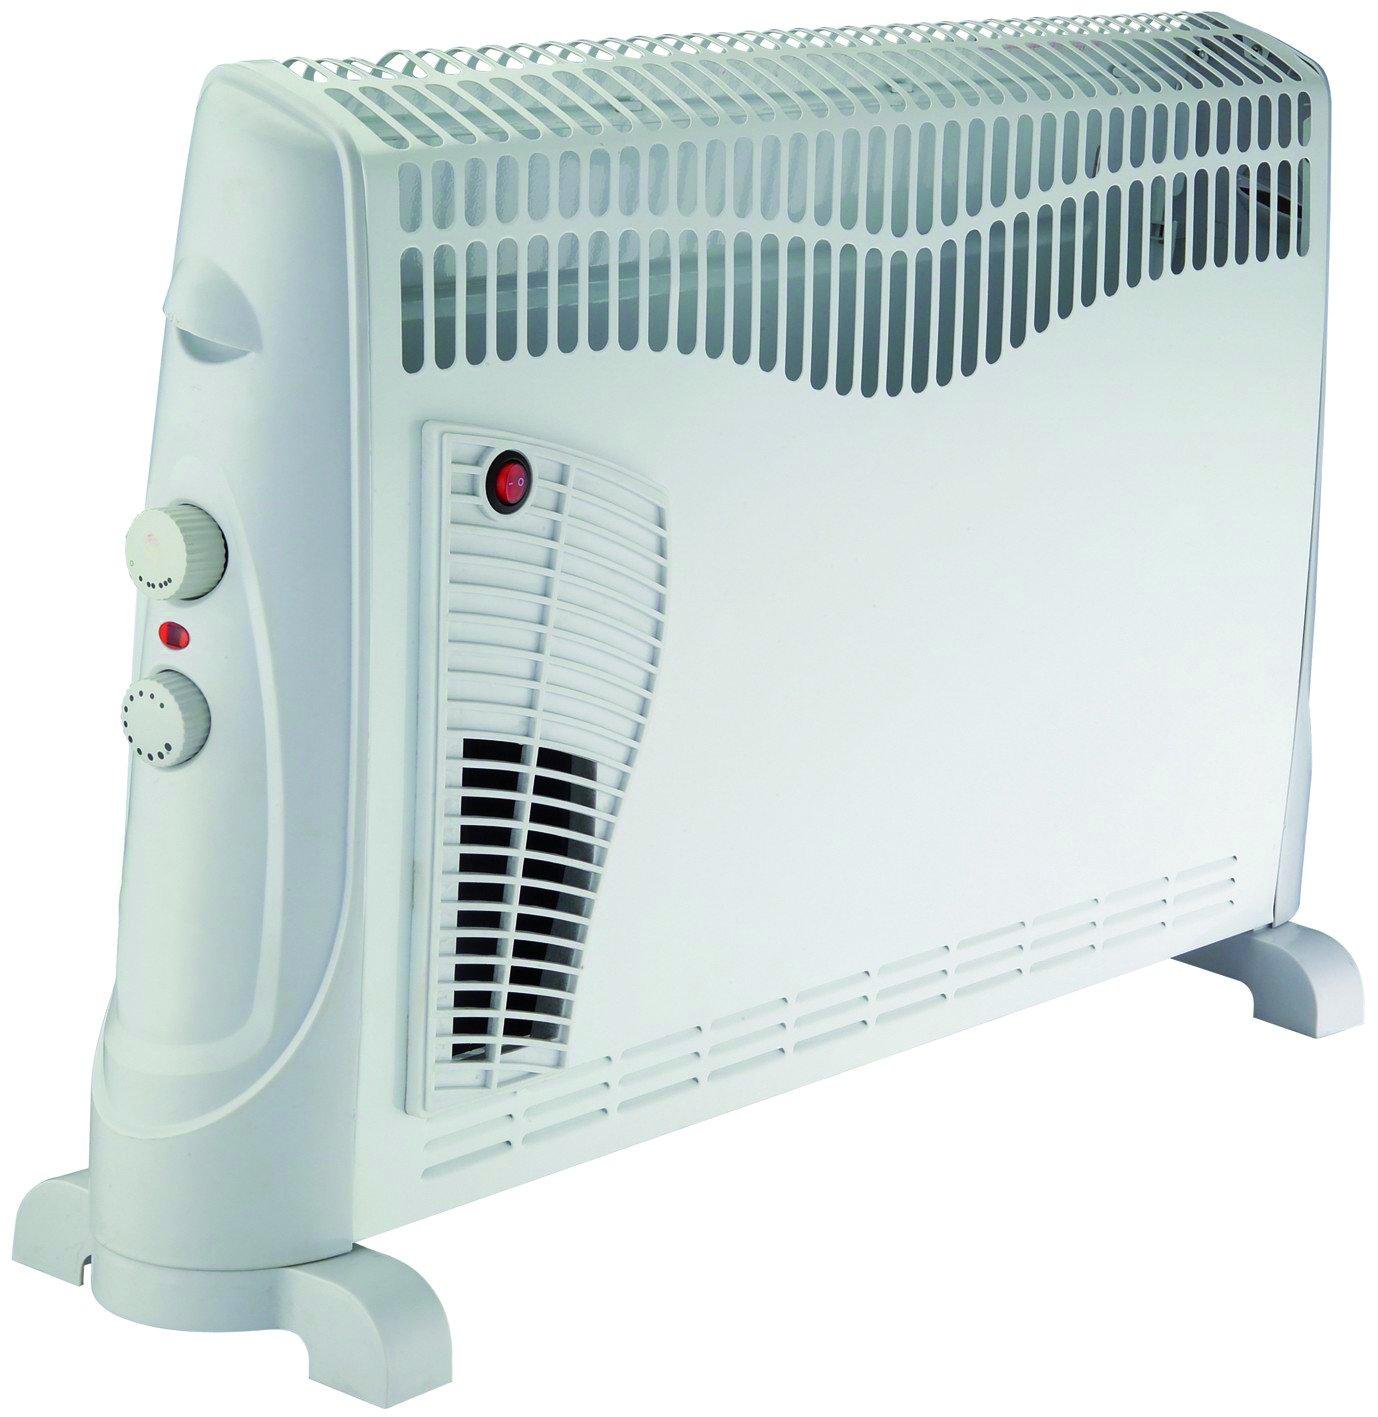 radiateur soufflant mobile finest eurem radiateur. Black Bedroom Furniture Sets. Home Design Ideas